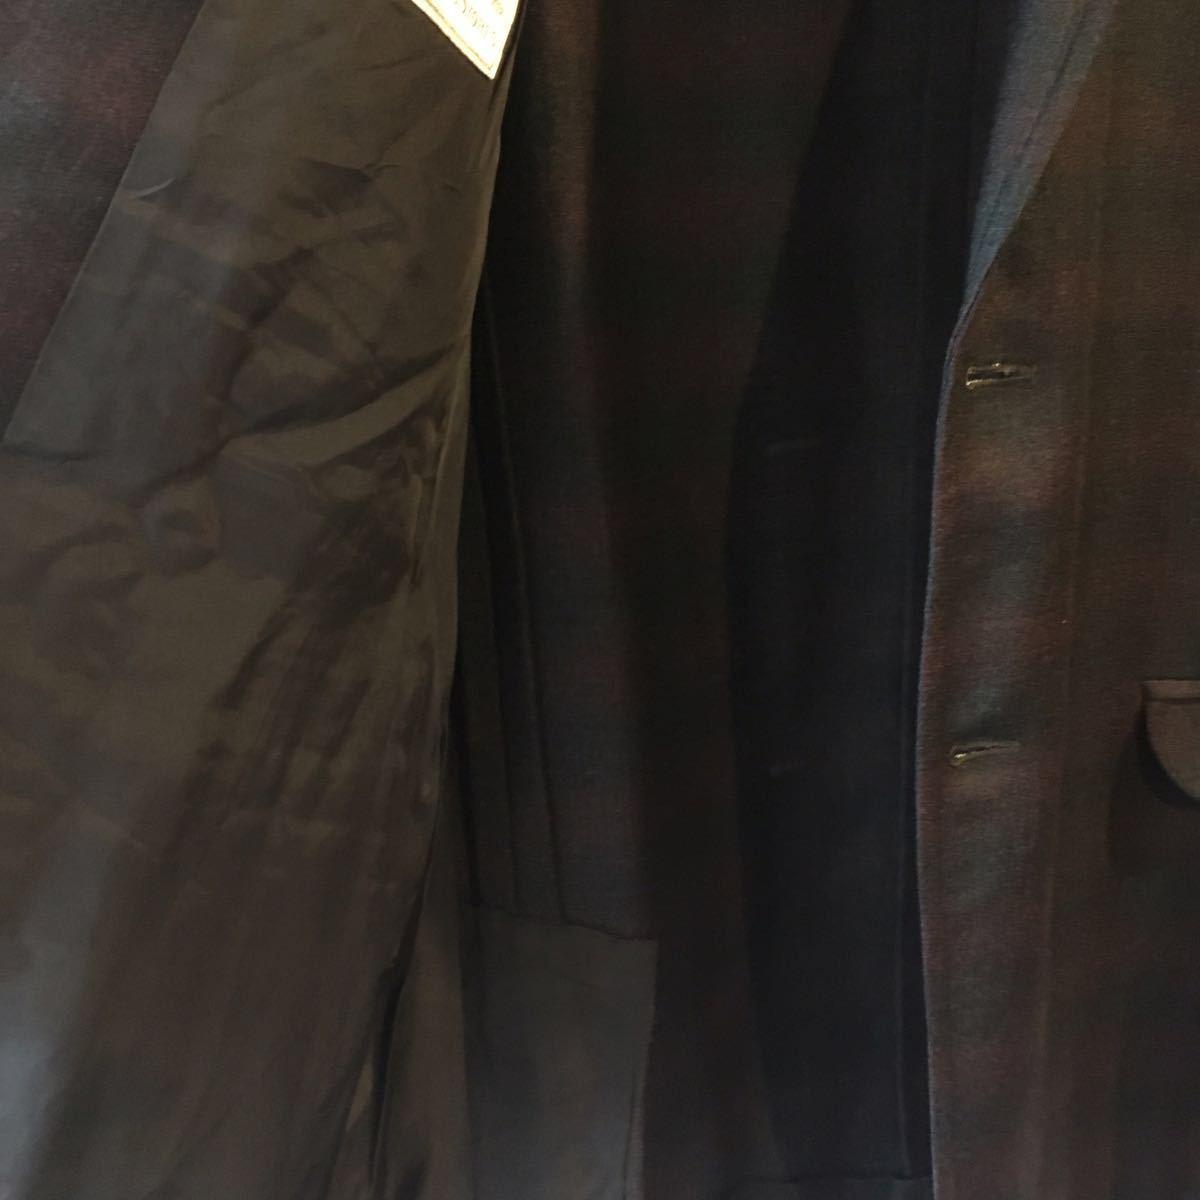 1960's オンブレ ビンテージ テーラードジャケット HAMPTON HEATH シャドーチェック モッズ アイビー UK 黒 ブラック 50s 70s_画像7